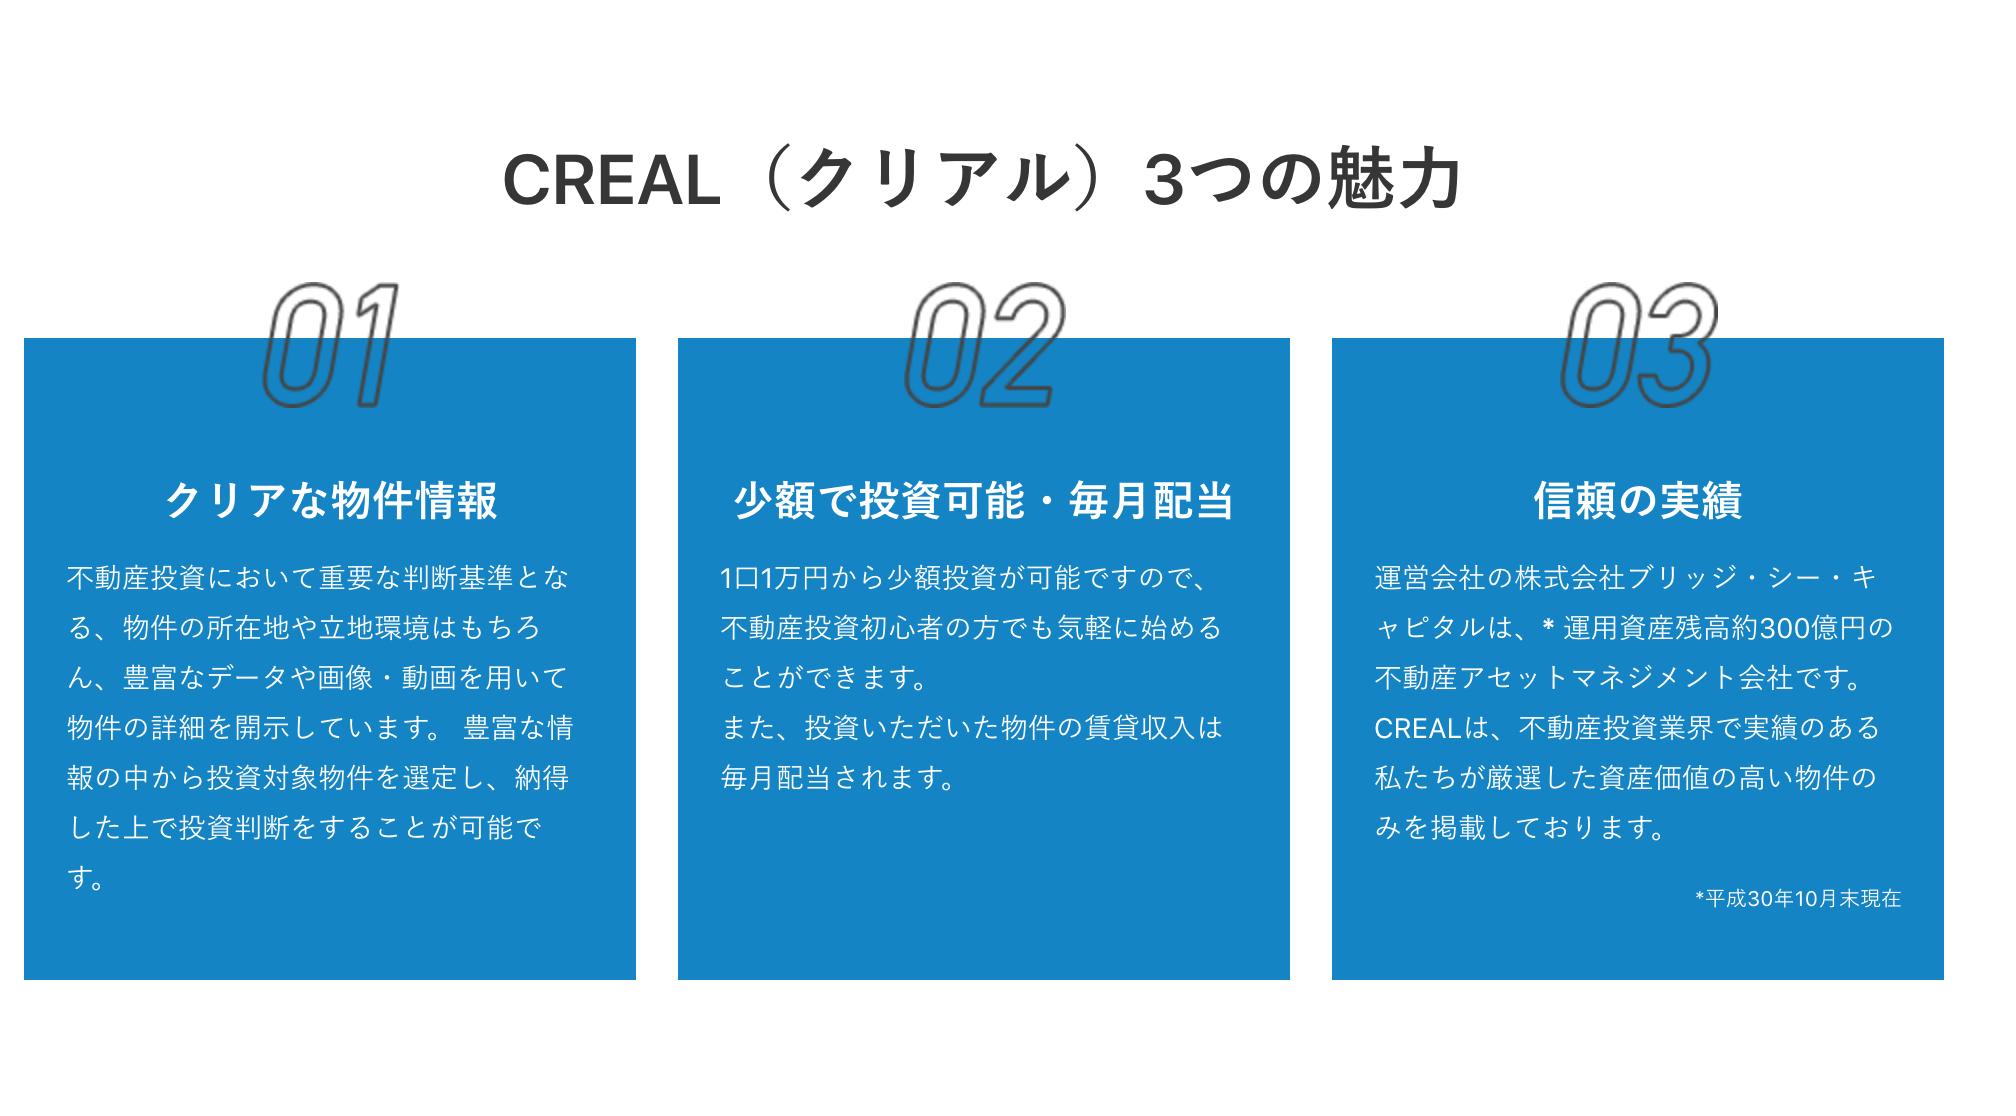 2.CREAL(クリアル)のメリット